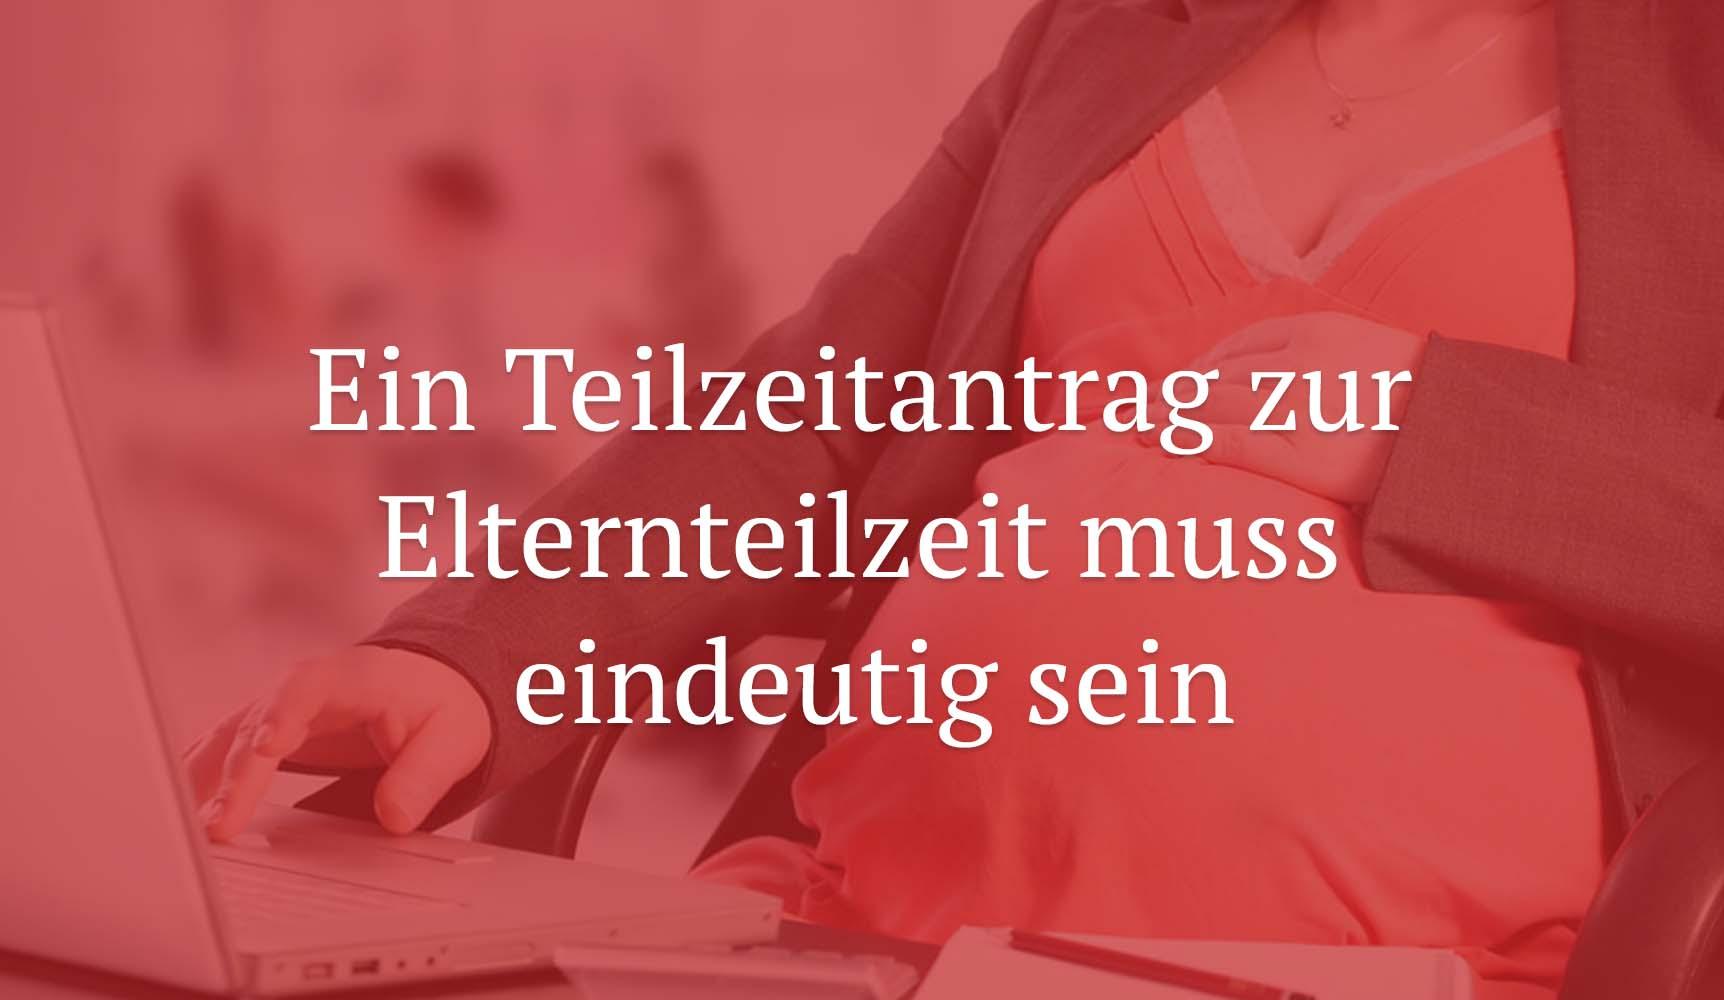 LAG Düsseldorf: Ein Teilzeitantrag zur Elternteilzeit muss eindeutig sein